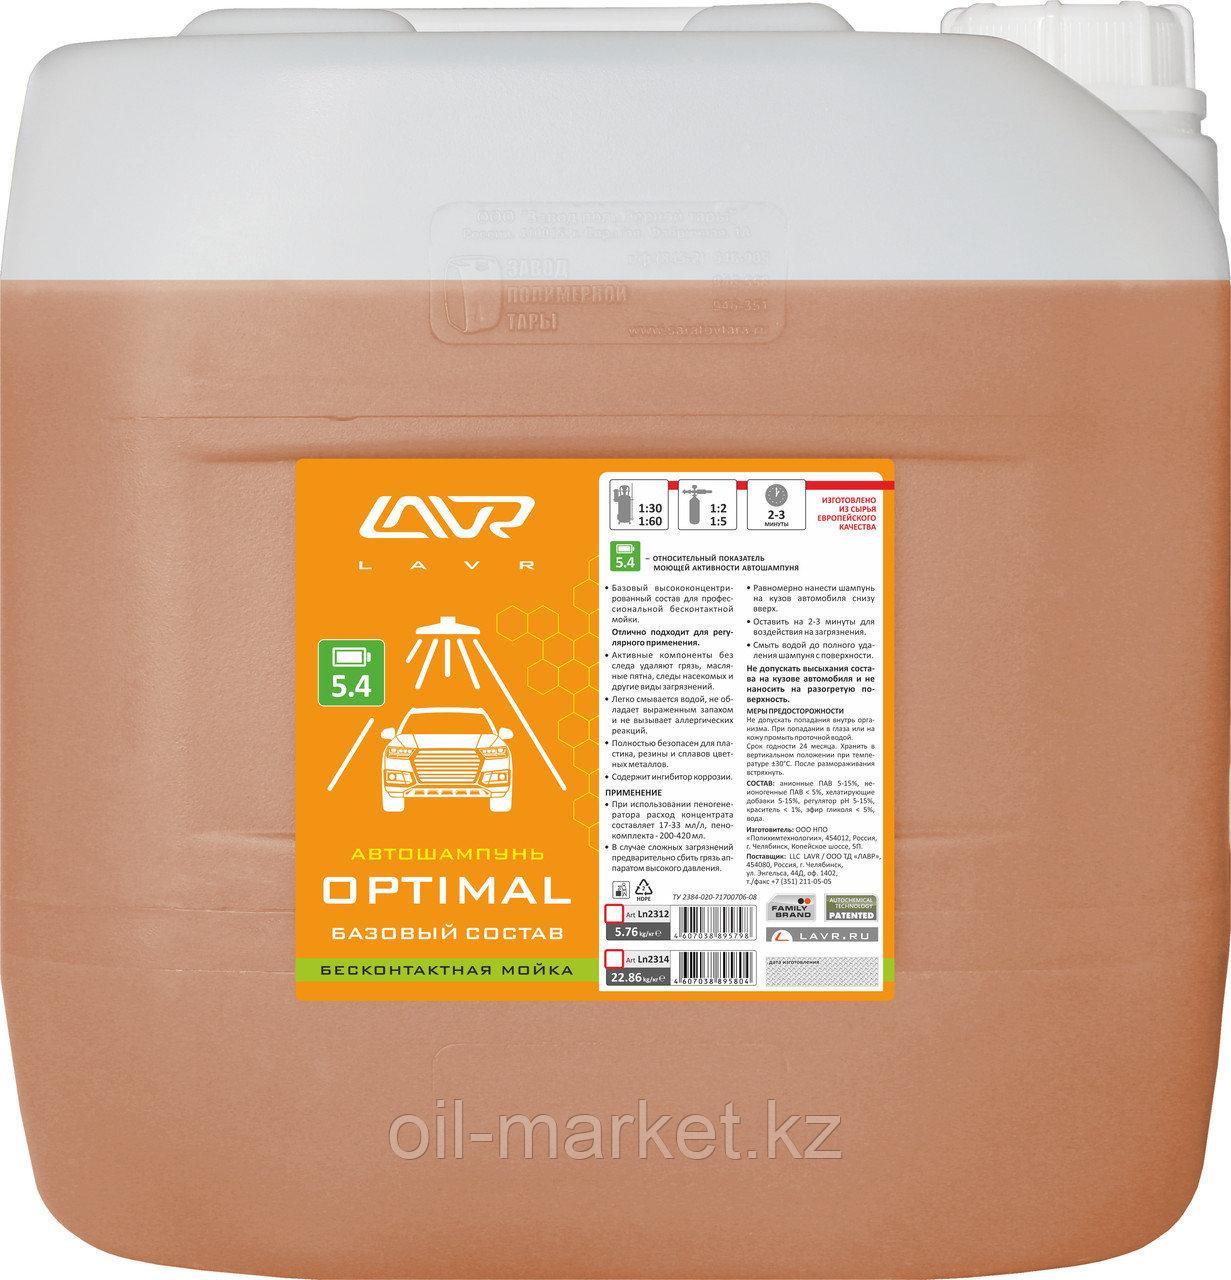 """Автошампунь для бесконтактной мойки """"OPTIMAL"""" Базовый состав 5.4 (1:50-70) LAVR Auto Shampoo Optimal 23,3 кг"""